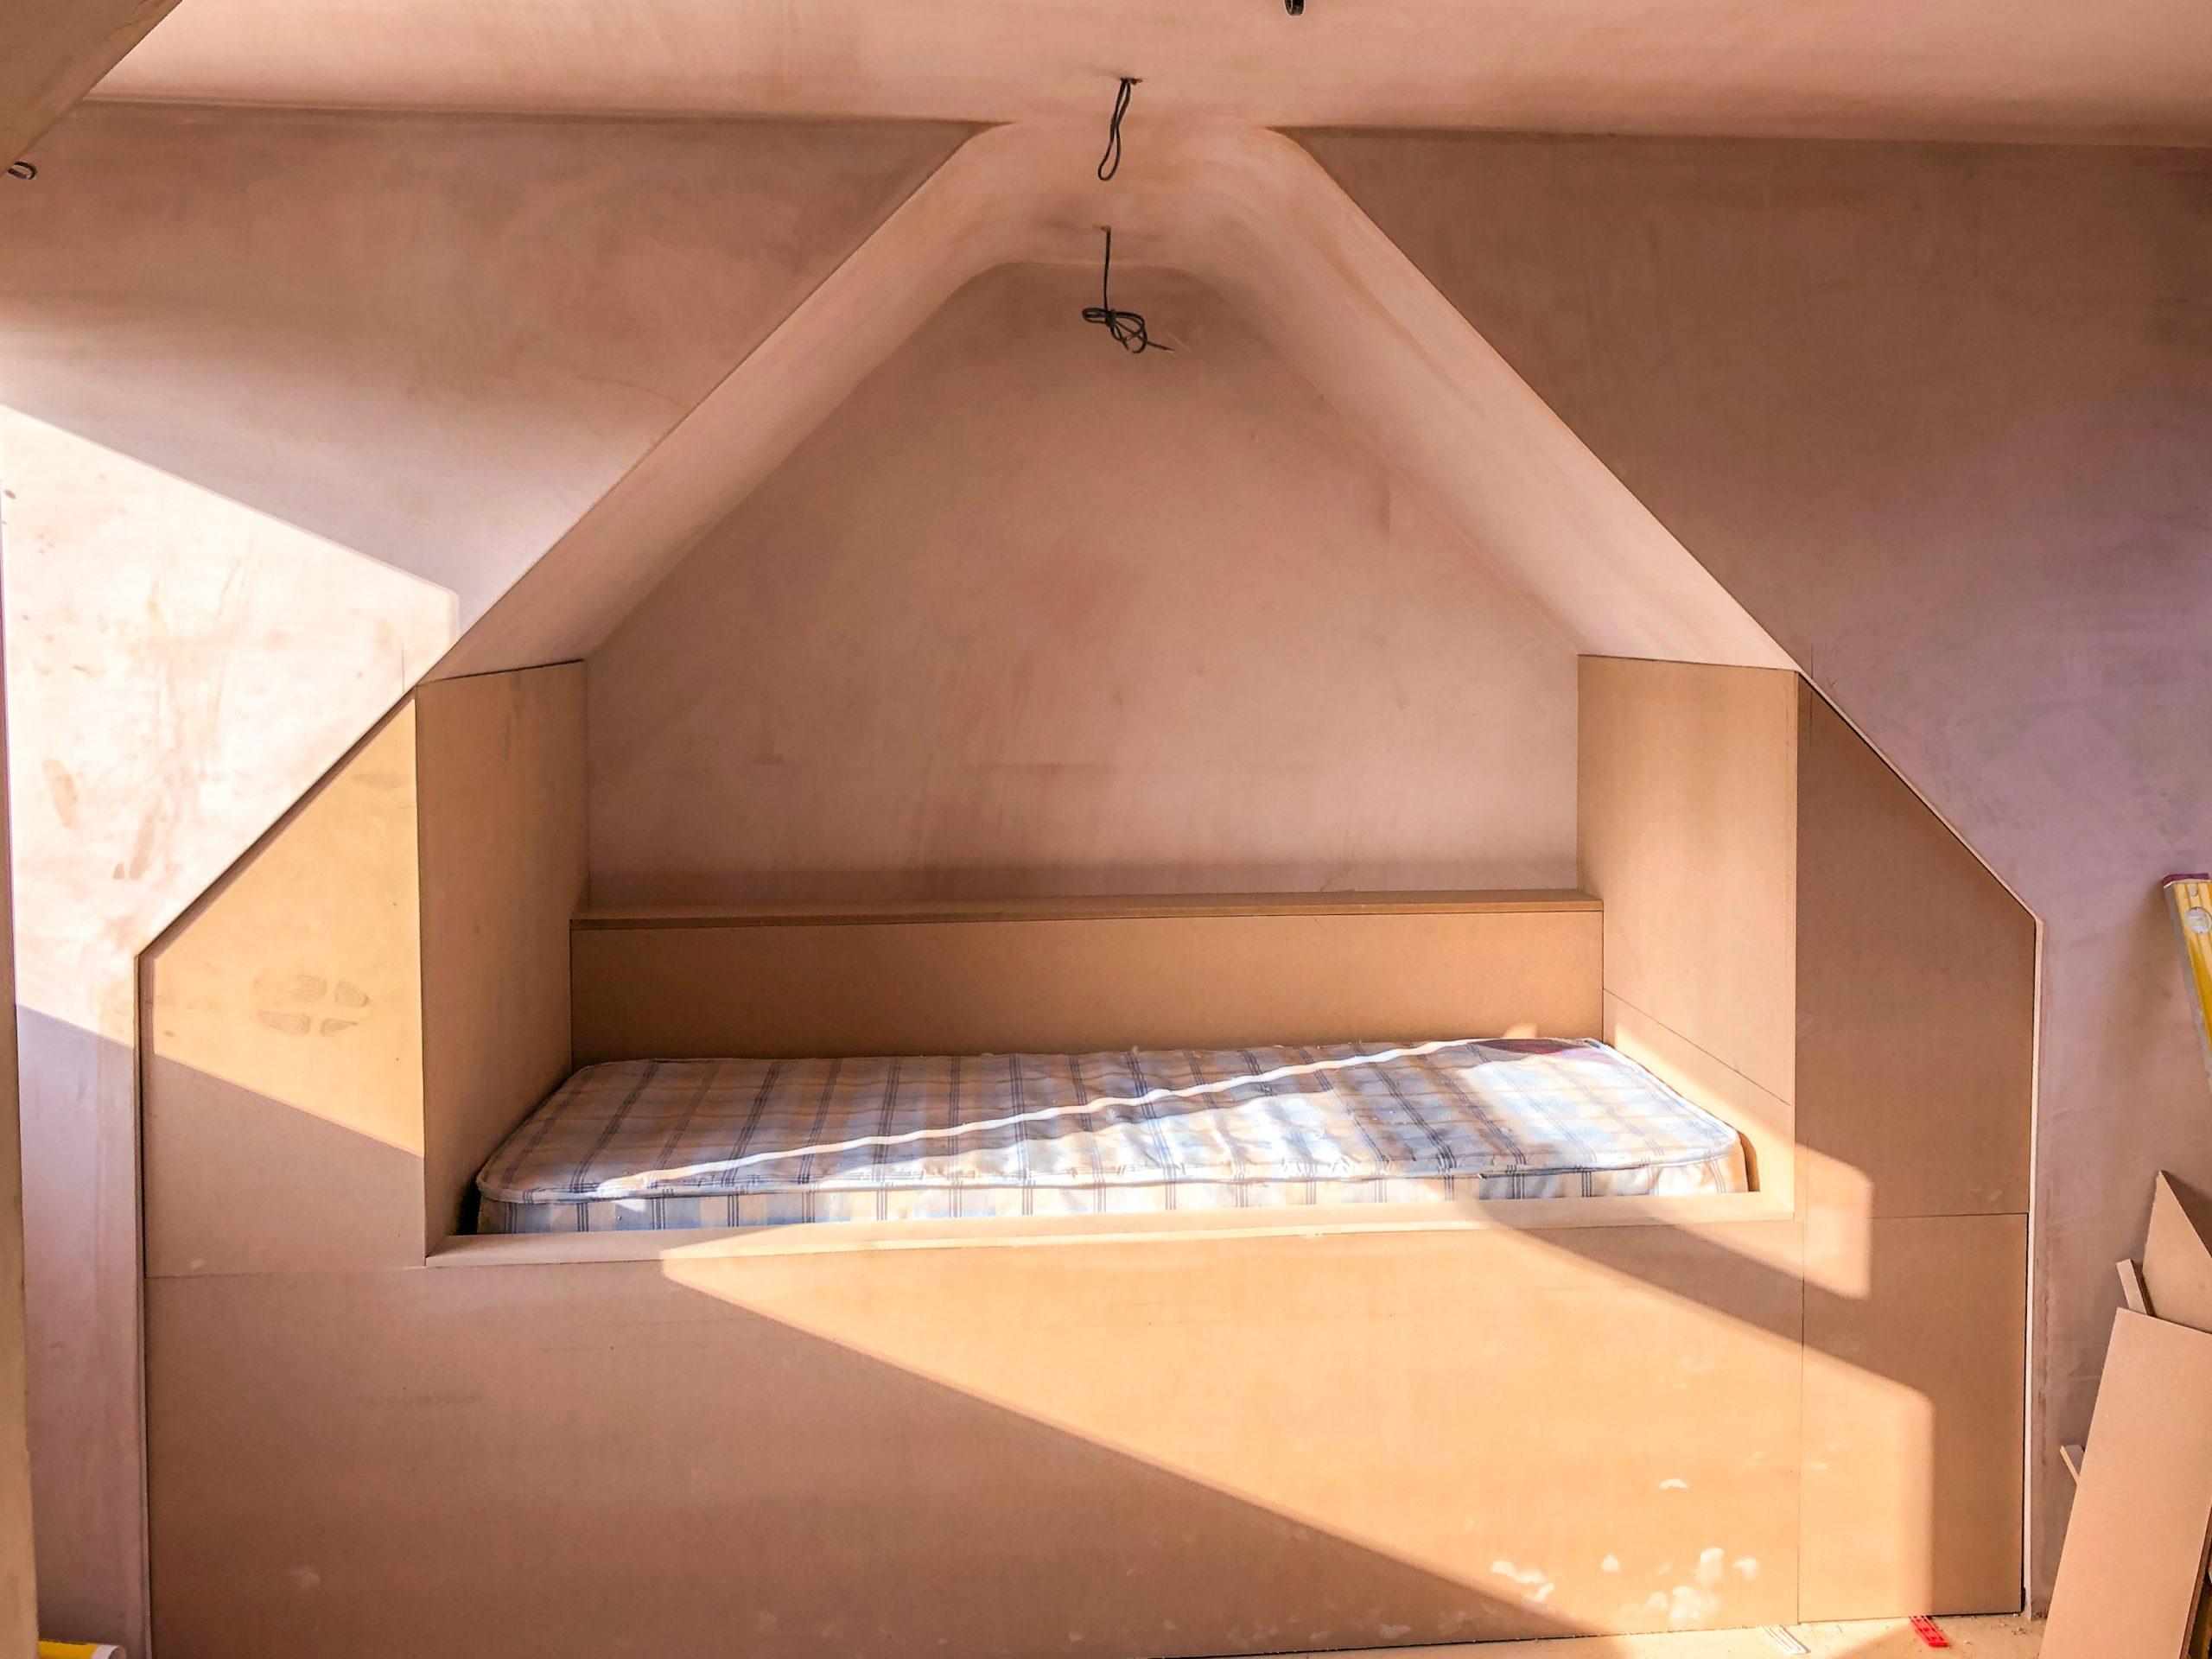 Bespoke Bed Station by Builders in Newbury